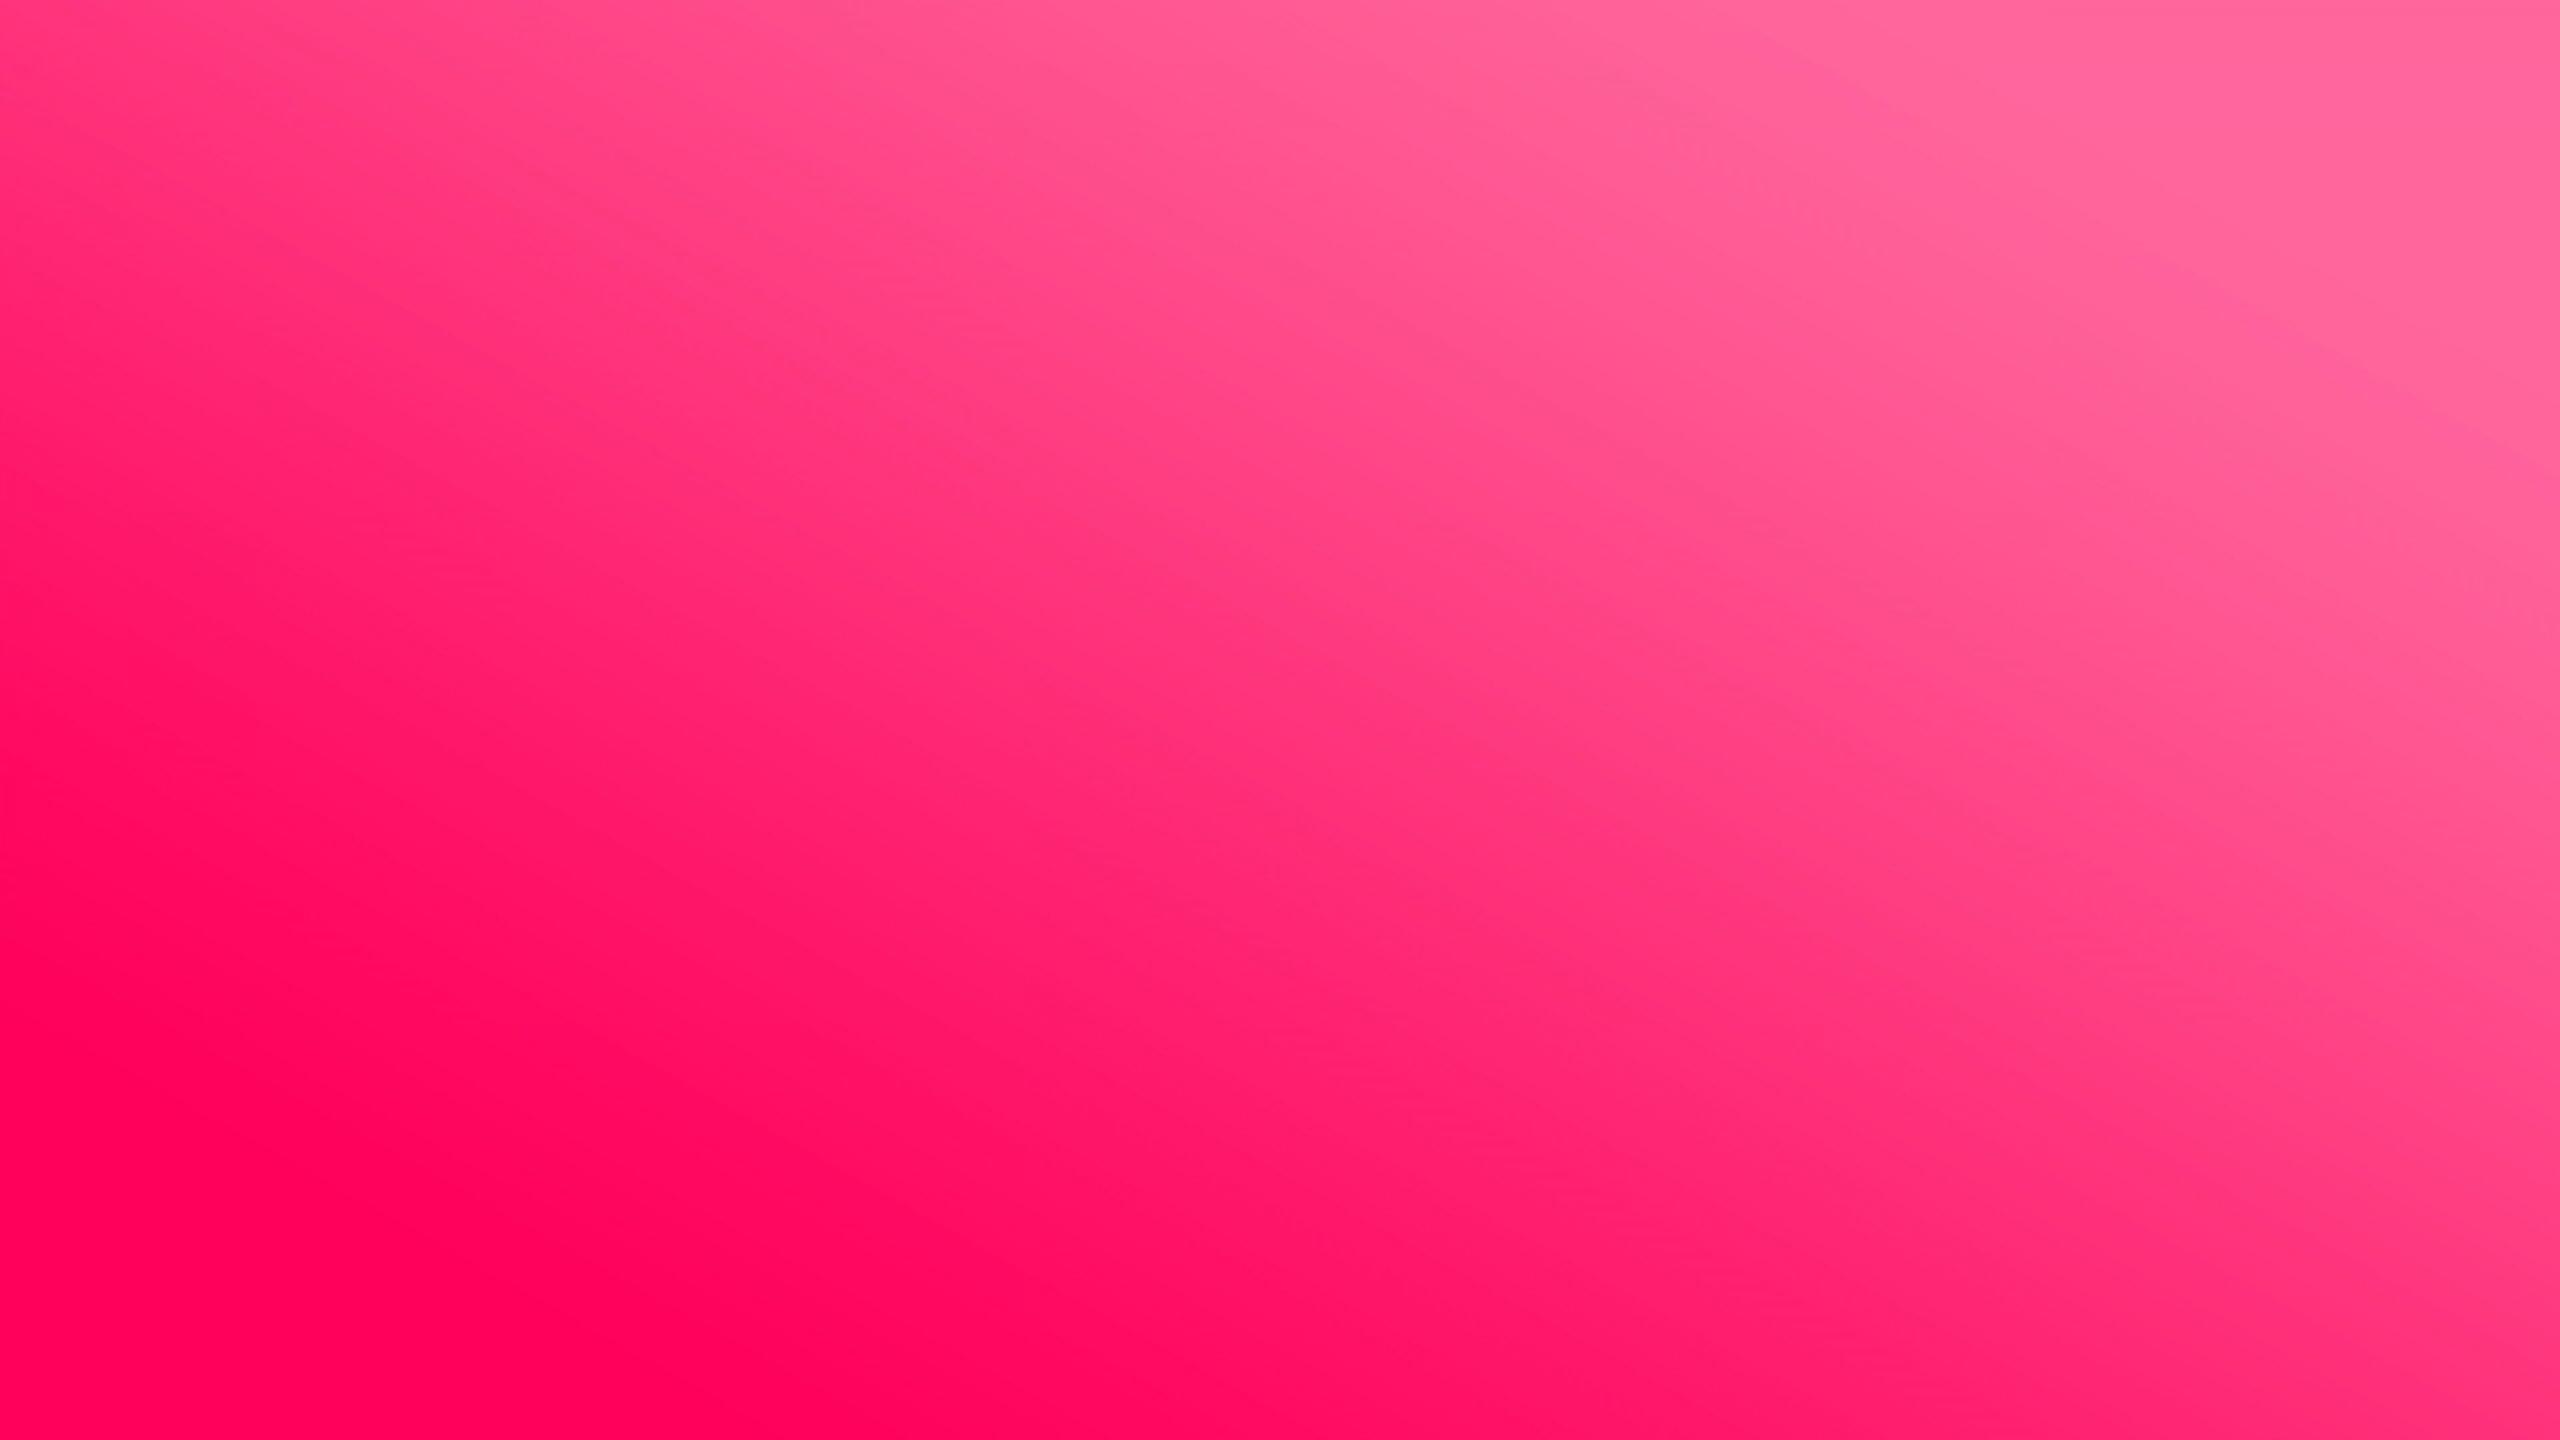 Hot Pink Wallpaper design Ideas